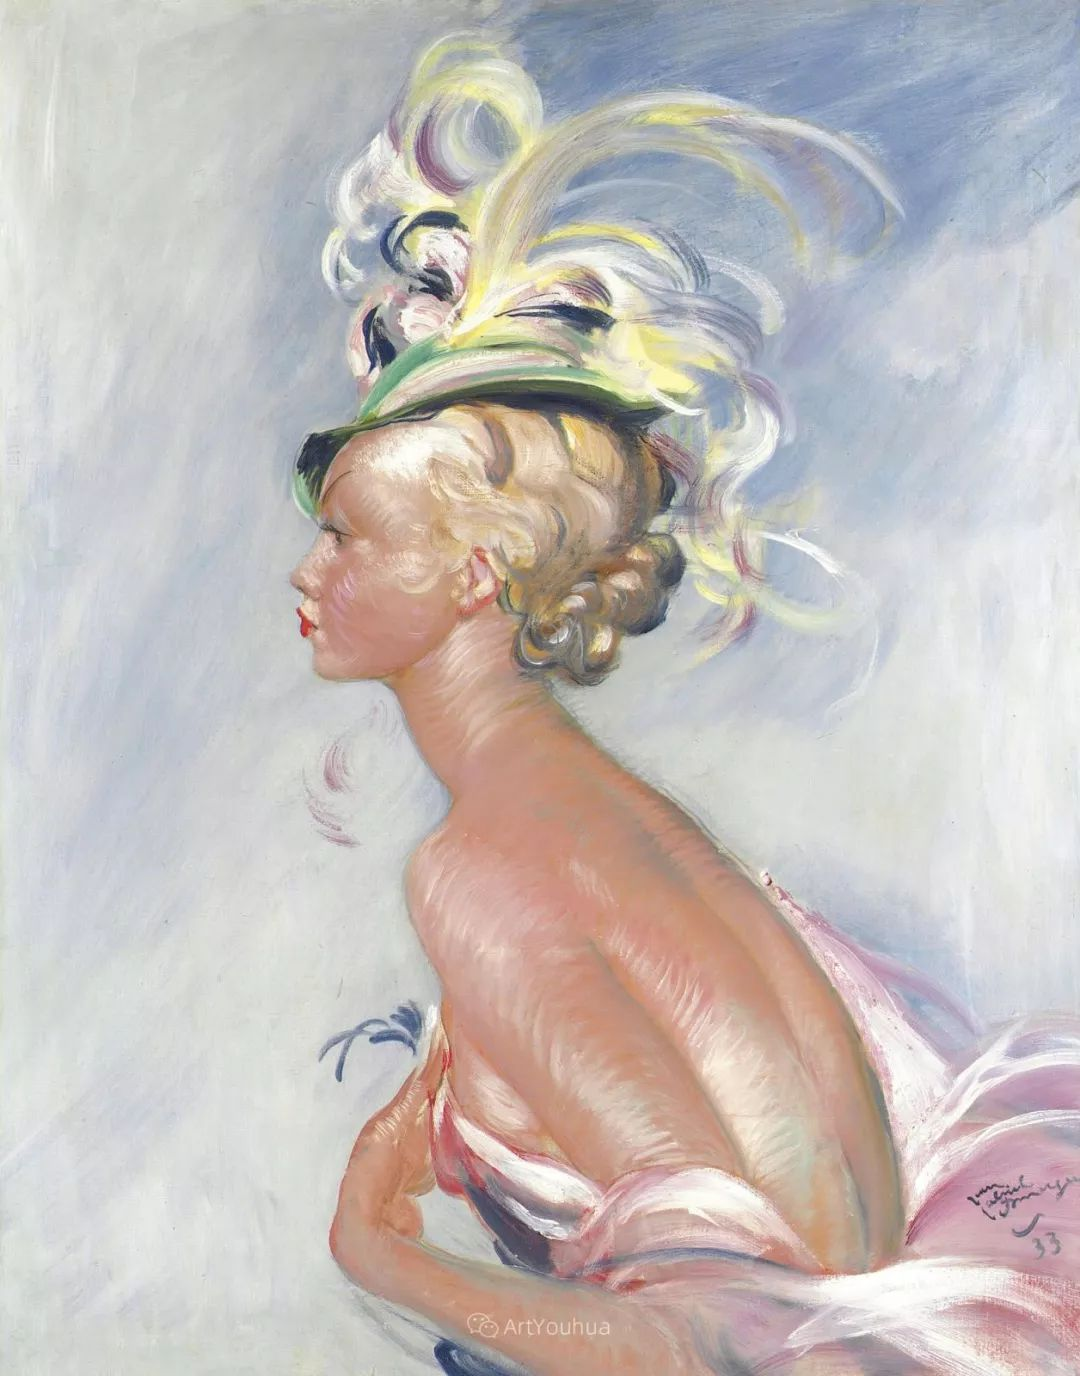 他画中的美女:典雅美丽天鹅颈,脸上带着调情趣味插图23